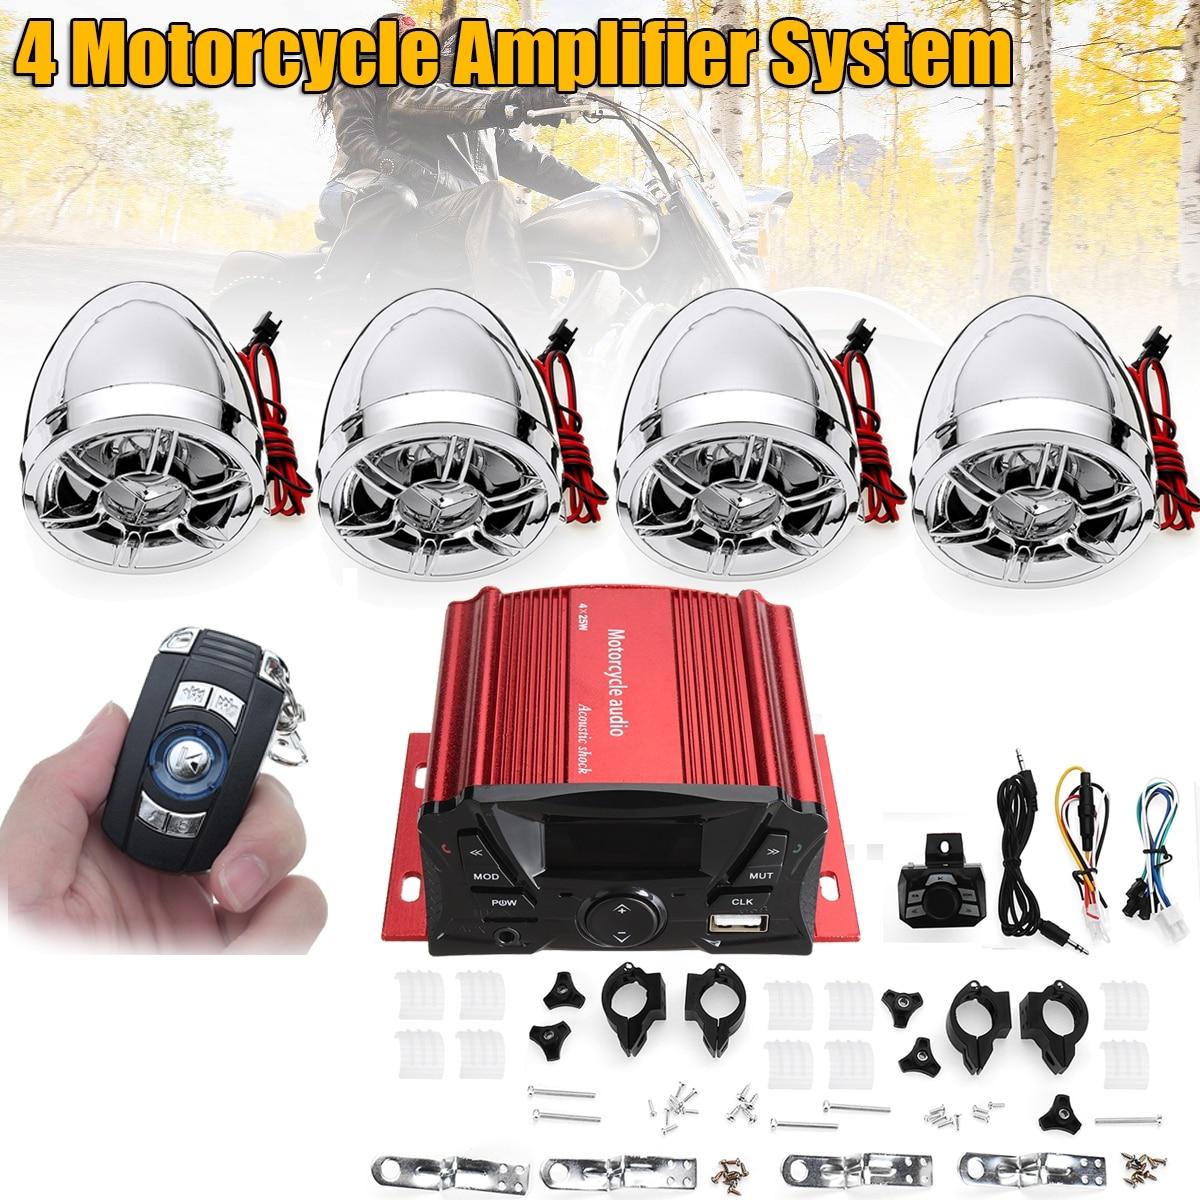 Универсальный усилитель для мотоцикла Системы Колонка для мотоцикла Рога мотоцикл аудио костюм с USB Bluetooth беспроводной пульт дистанционног...